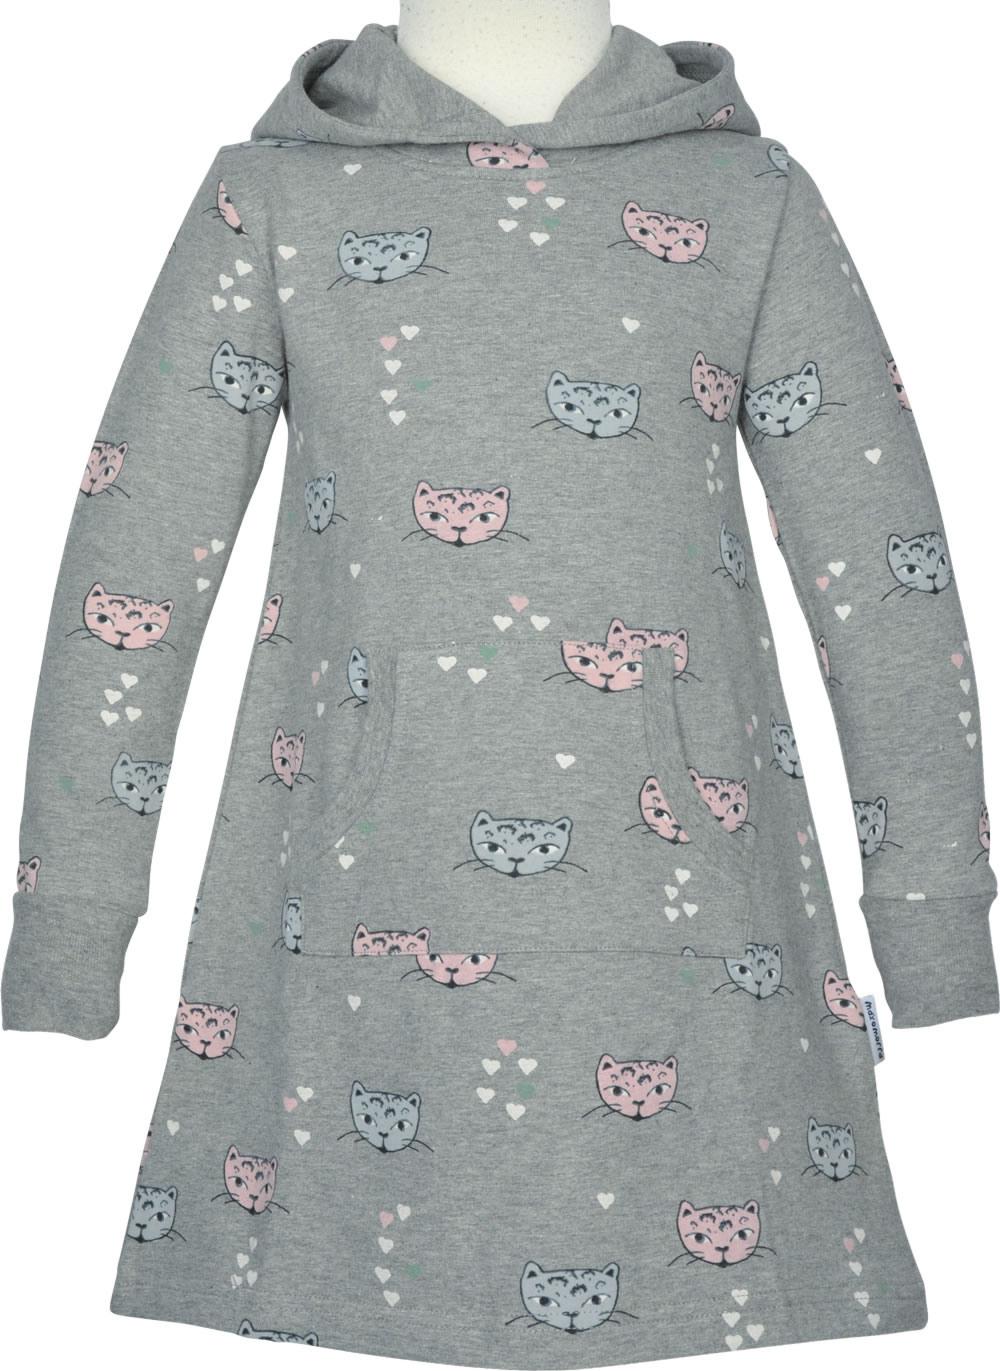 15 Genial Kleid Grau Langarm VertriebDesigner Top Kleid Grau Langarm für 2019